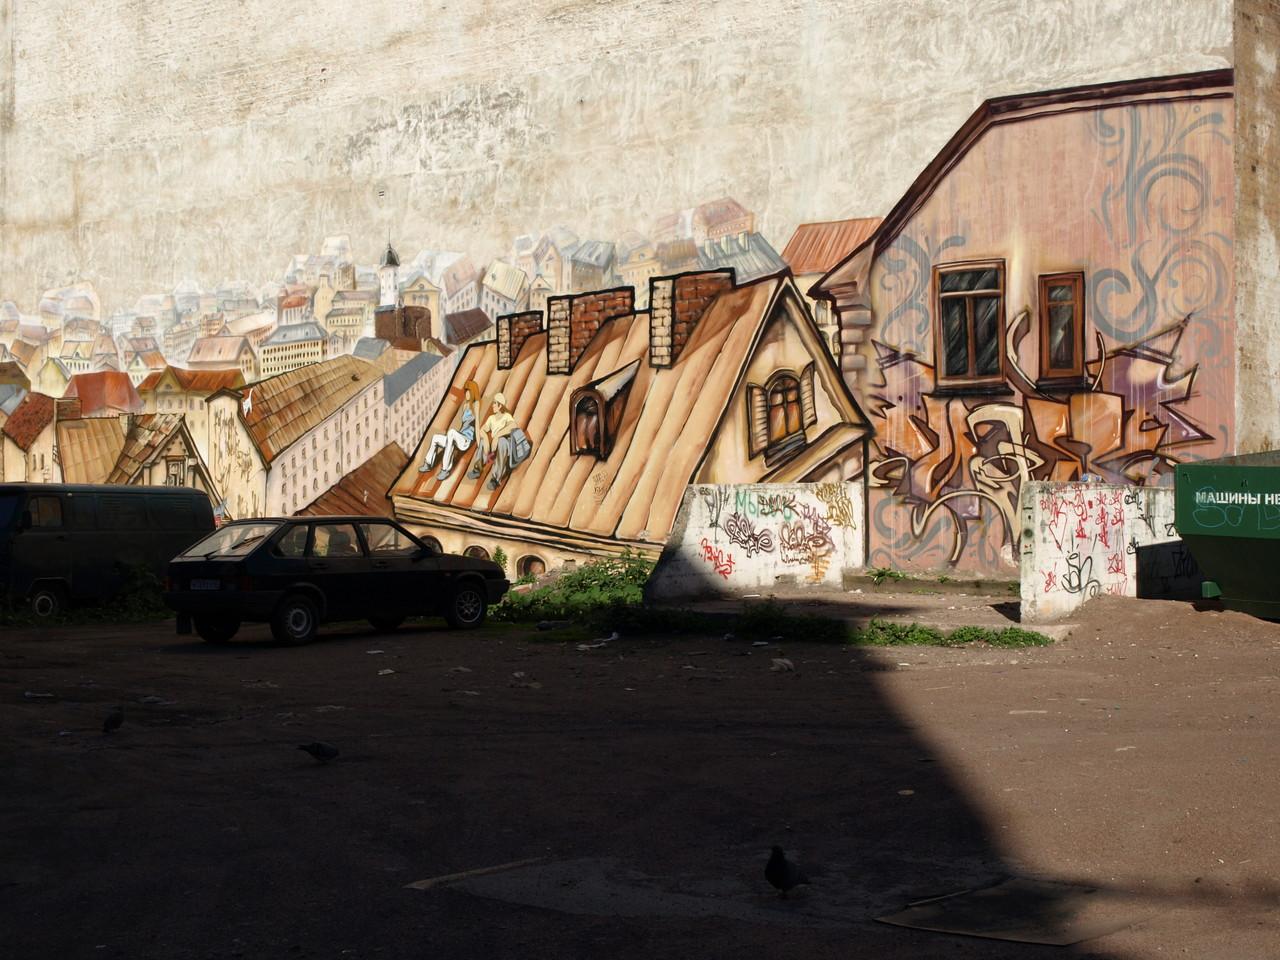 auch hier gibt es Wandmalereien